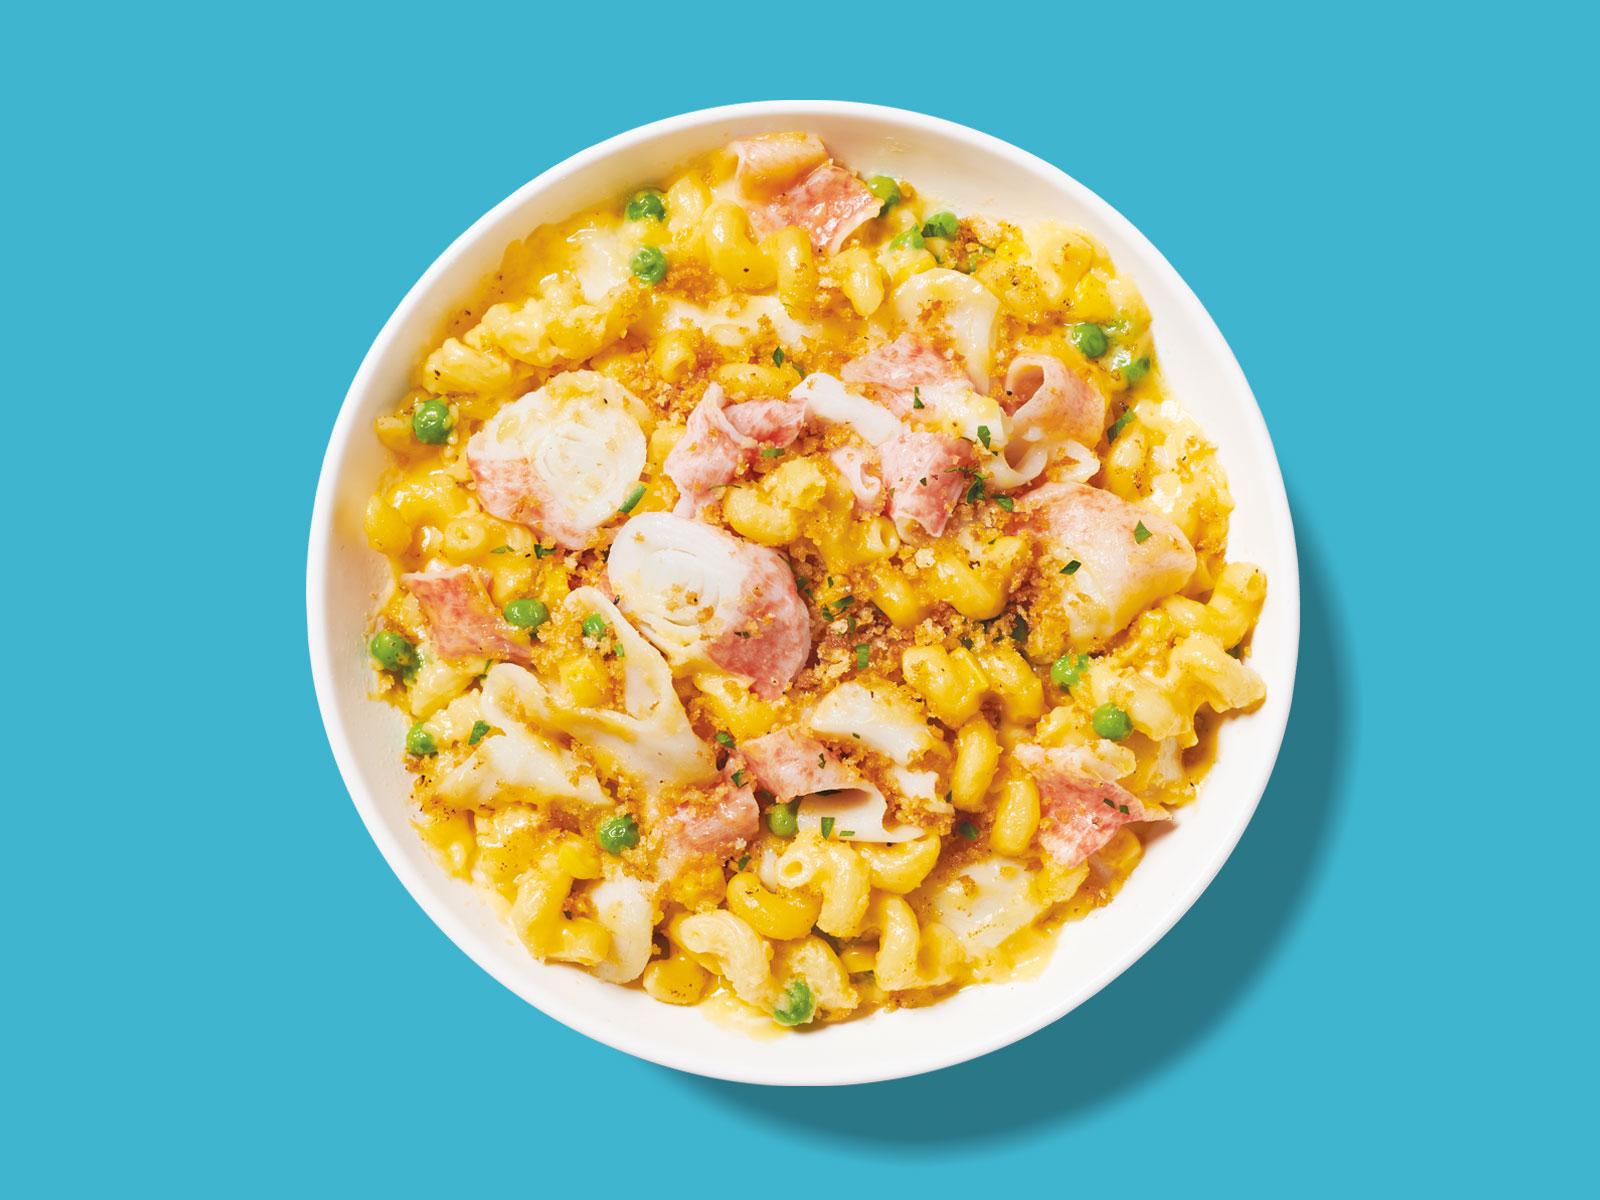 SEA LEGS® Cheesy Surimi Pasta Casserole